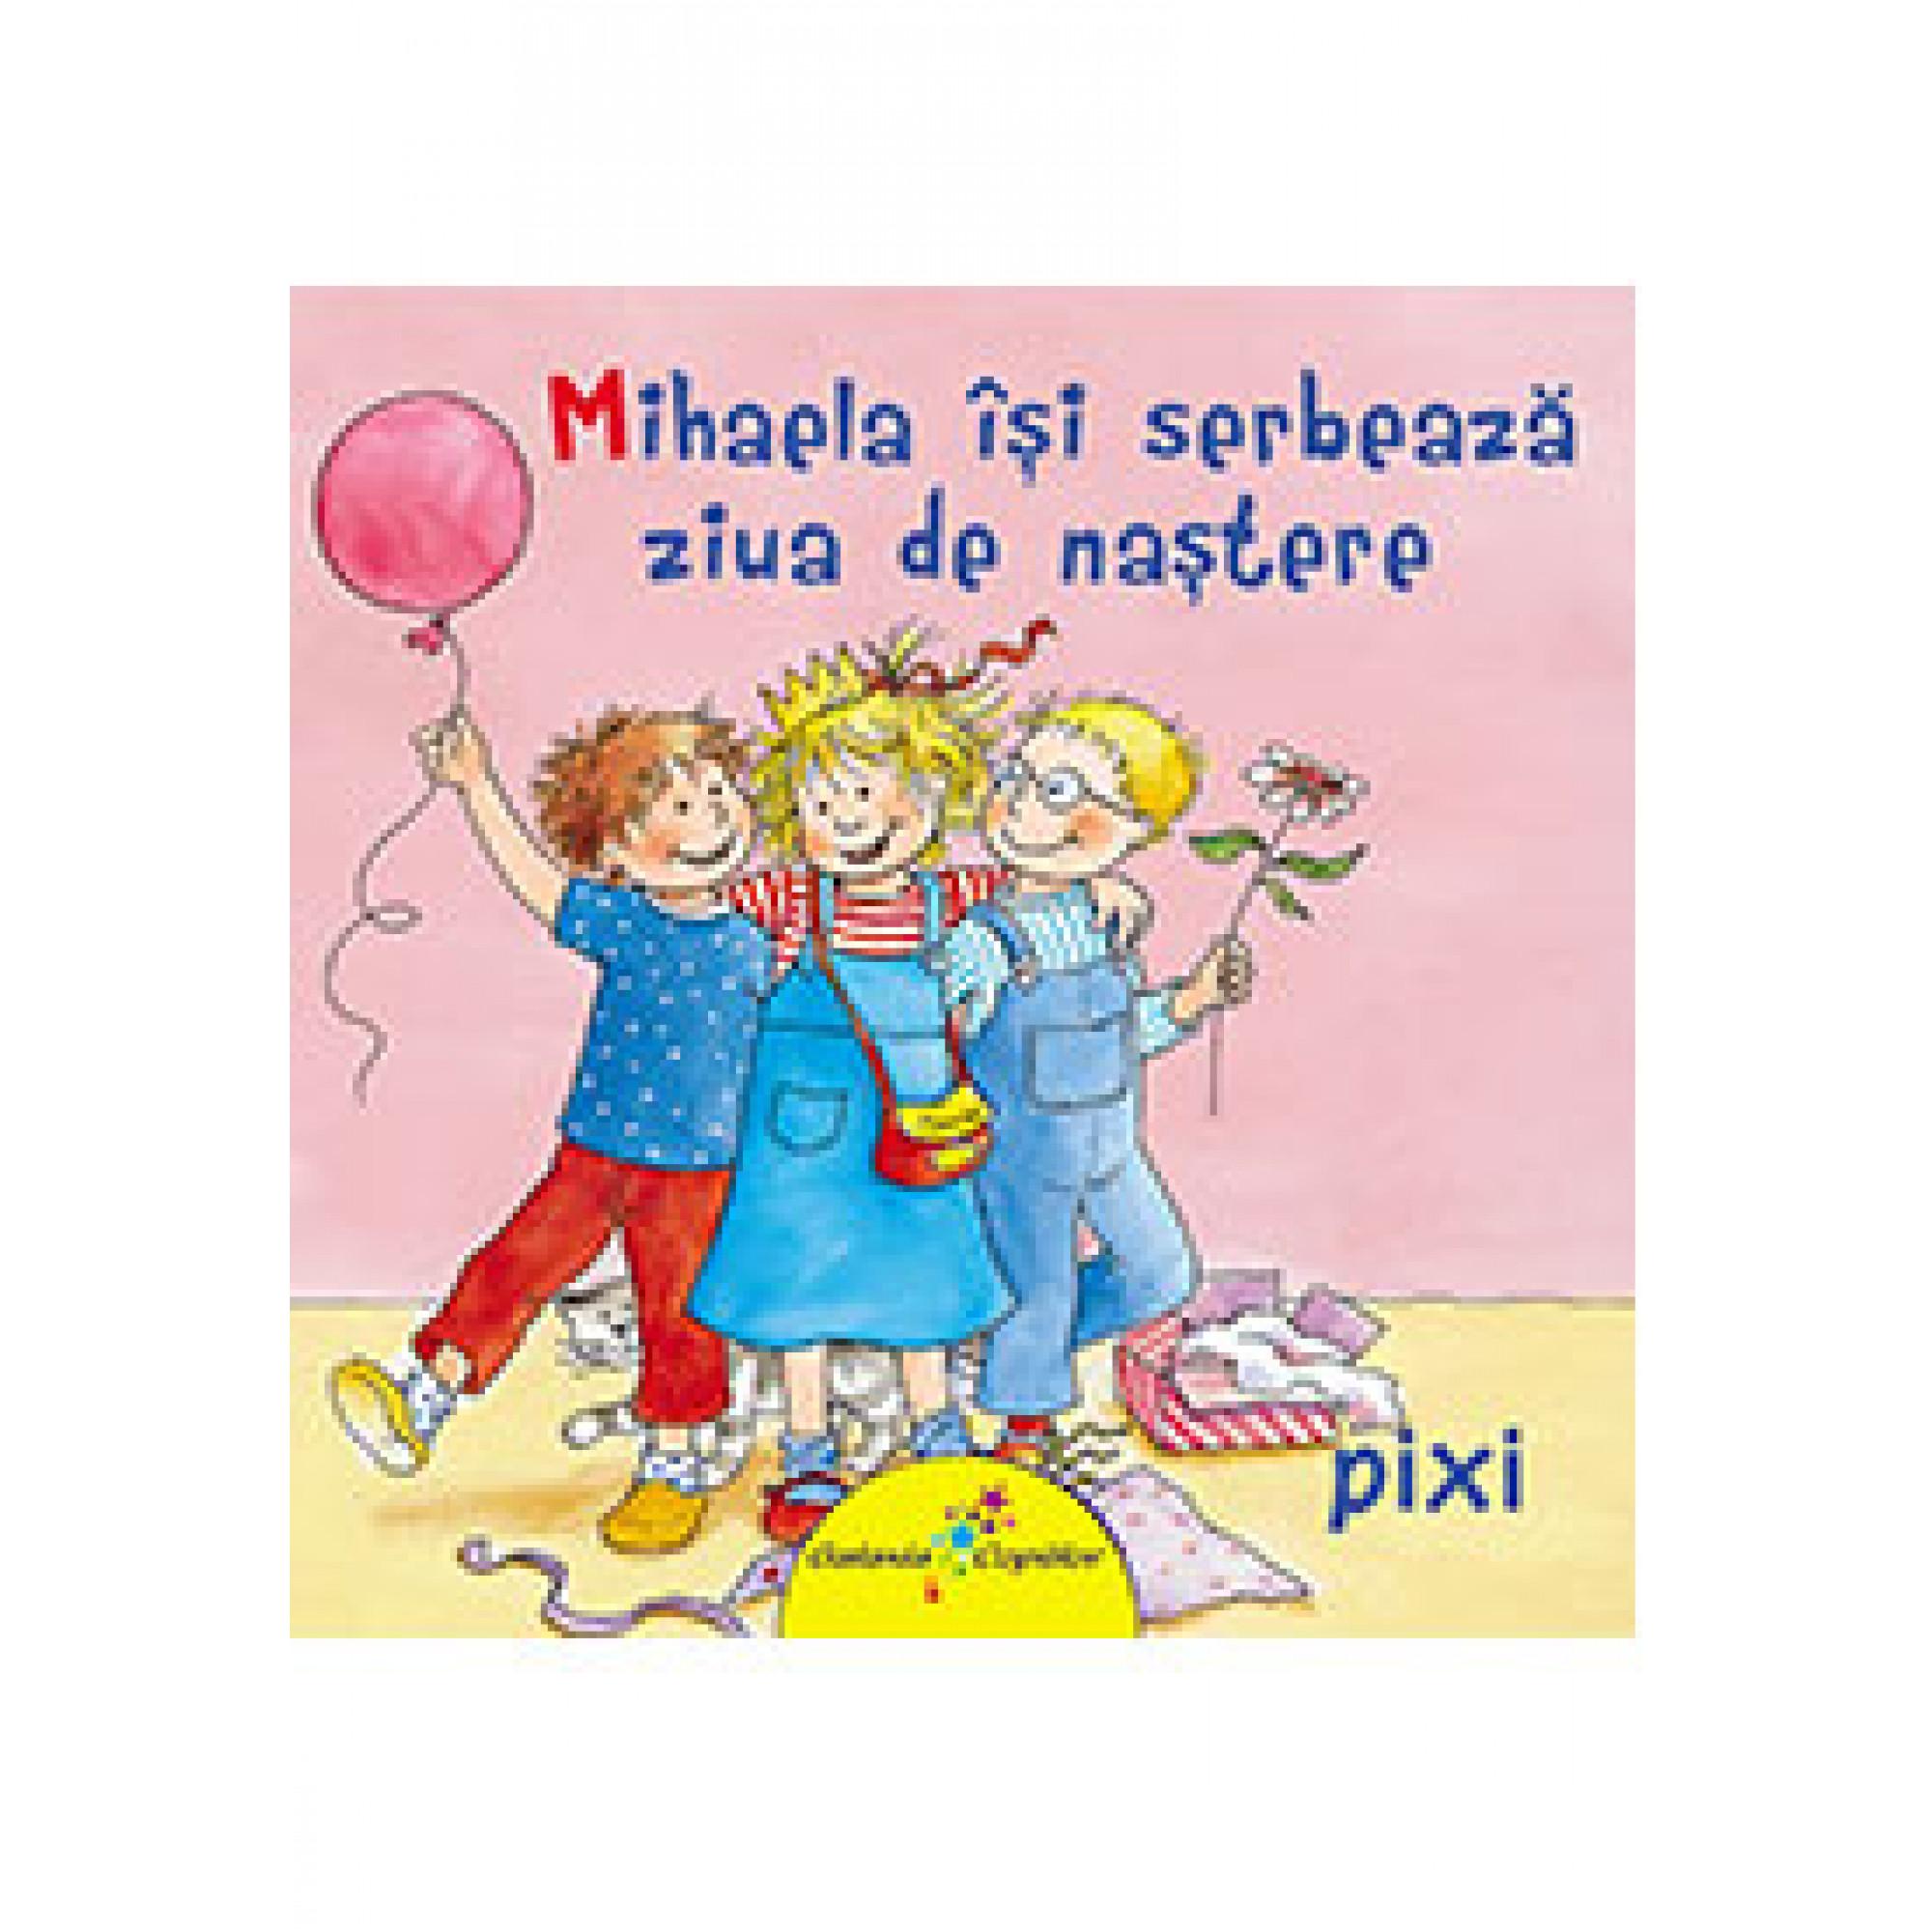 Mihaela își serbează ziua de naștere